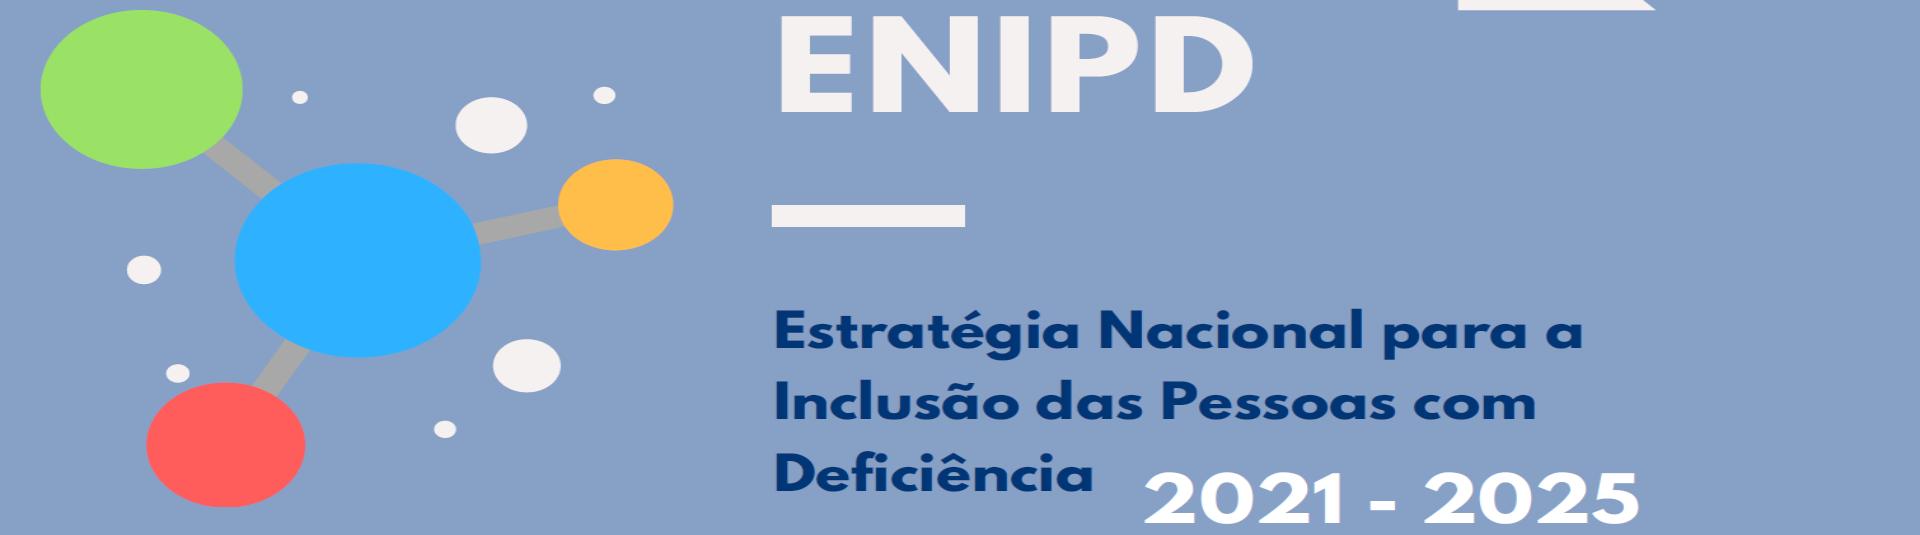 Estratégia Nacional para a Inclusão das Pessoas com Deficiência (ENIPD) 2021-2025